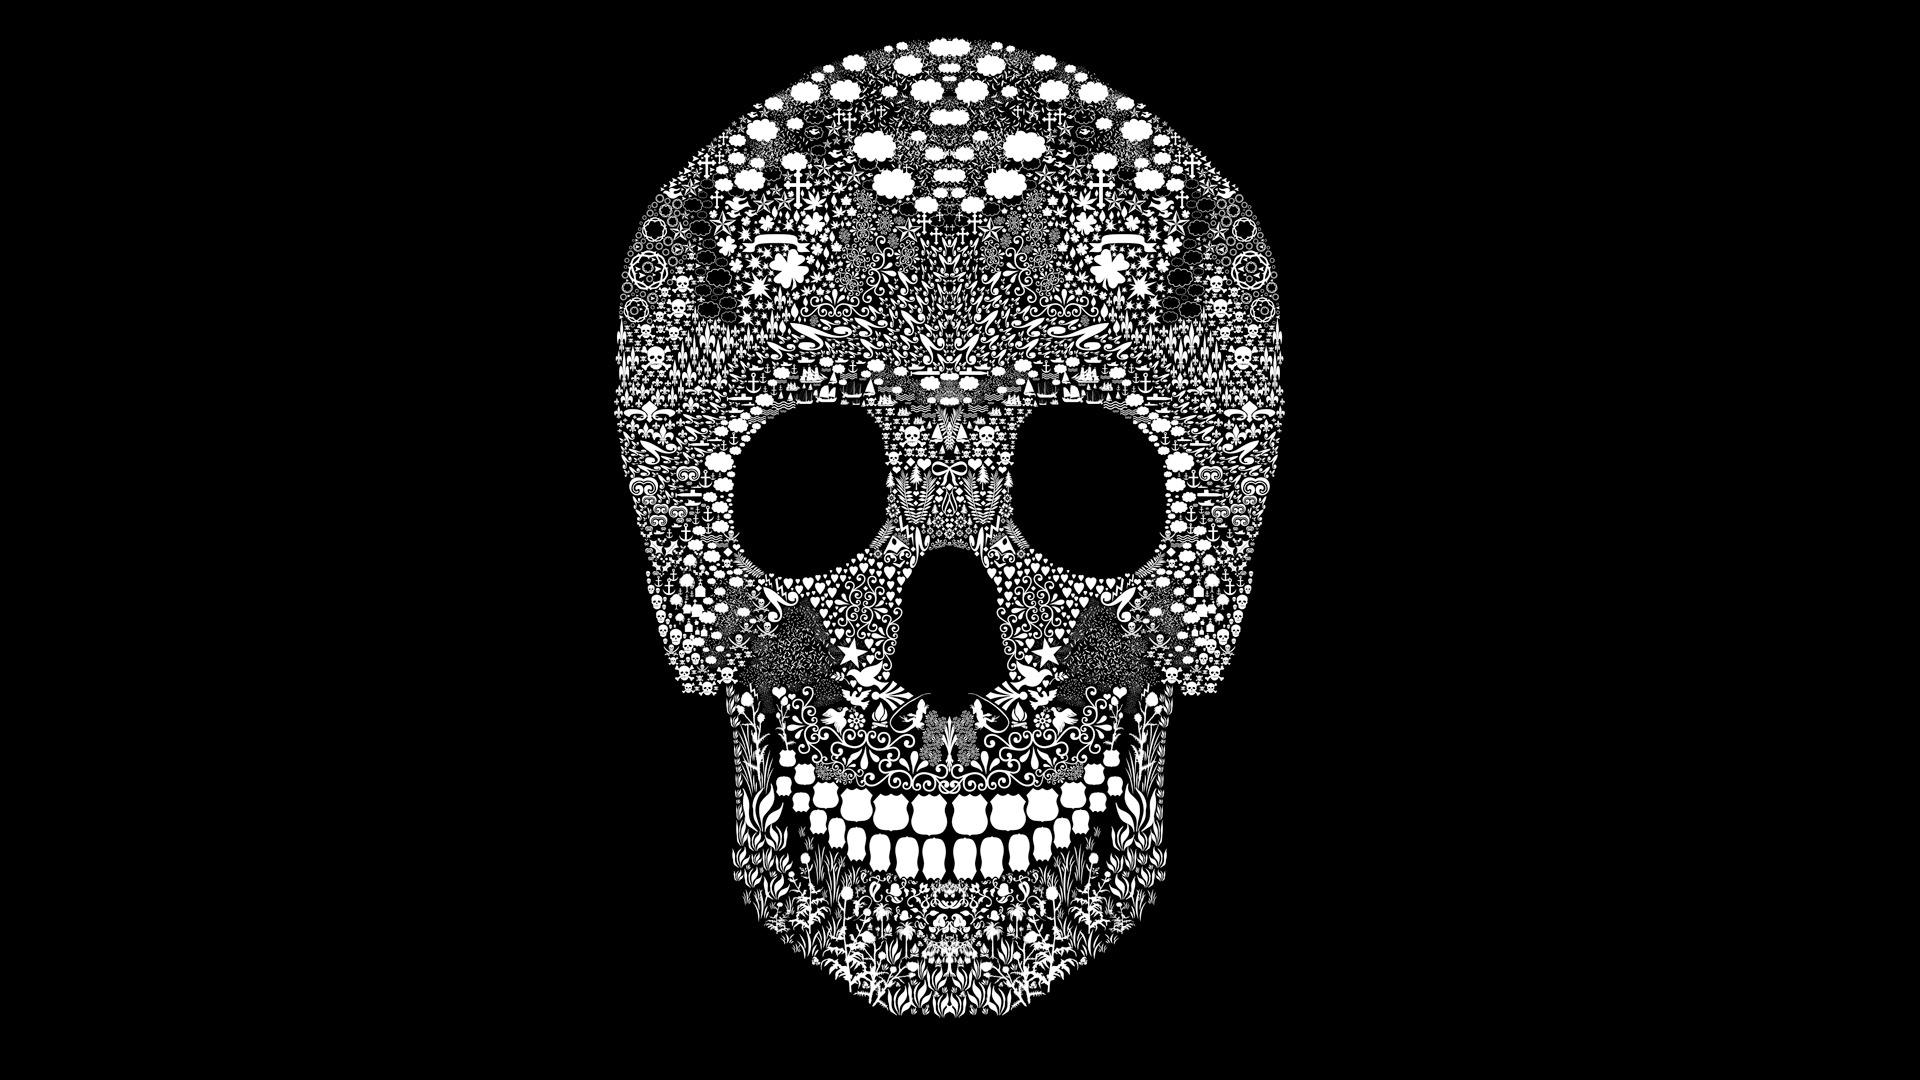 Sugar Skull Wallpaper Sugar skull hd 1920x1080